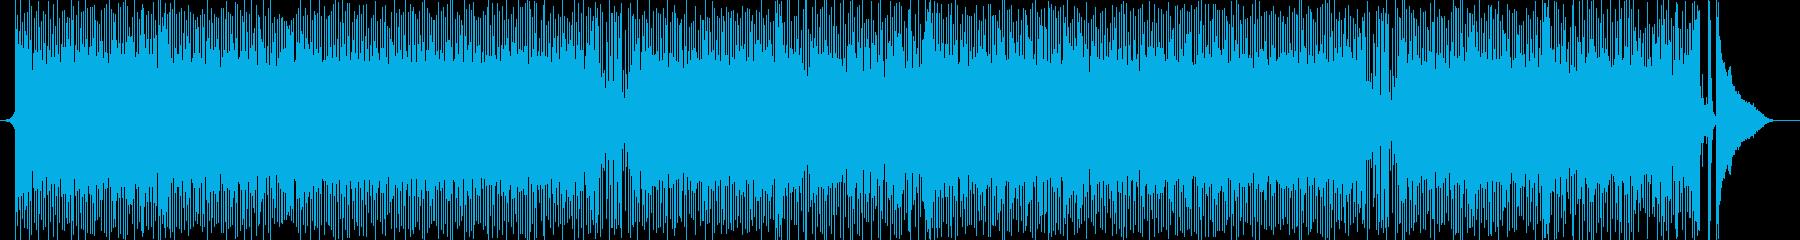 アップテンポなピアノが最高なテックハウスの再生済みの波形